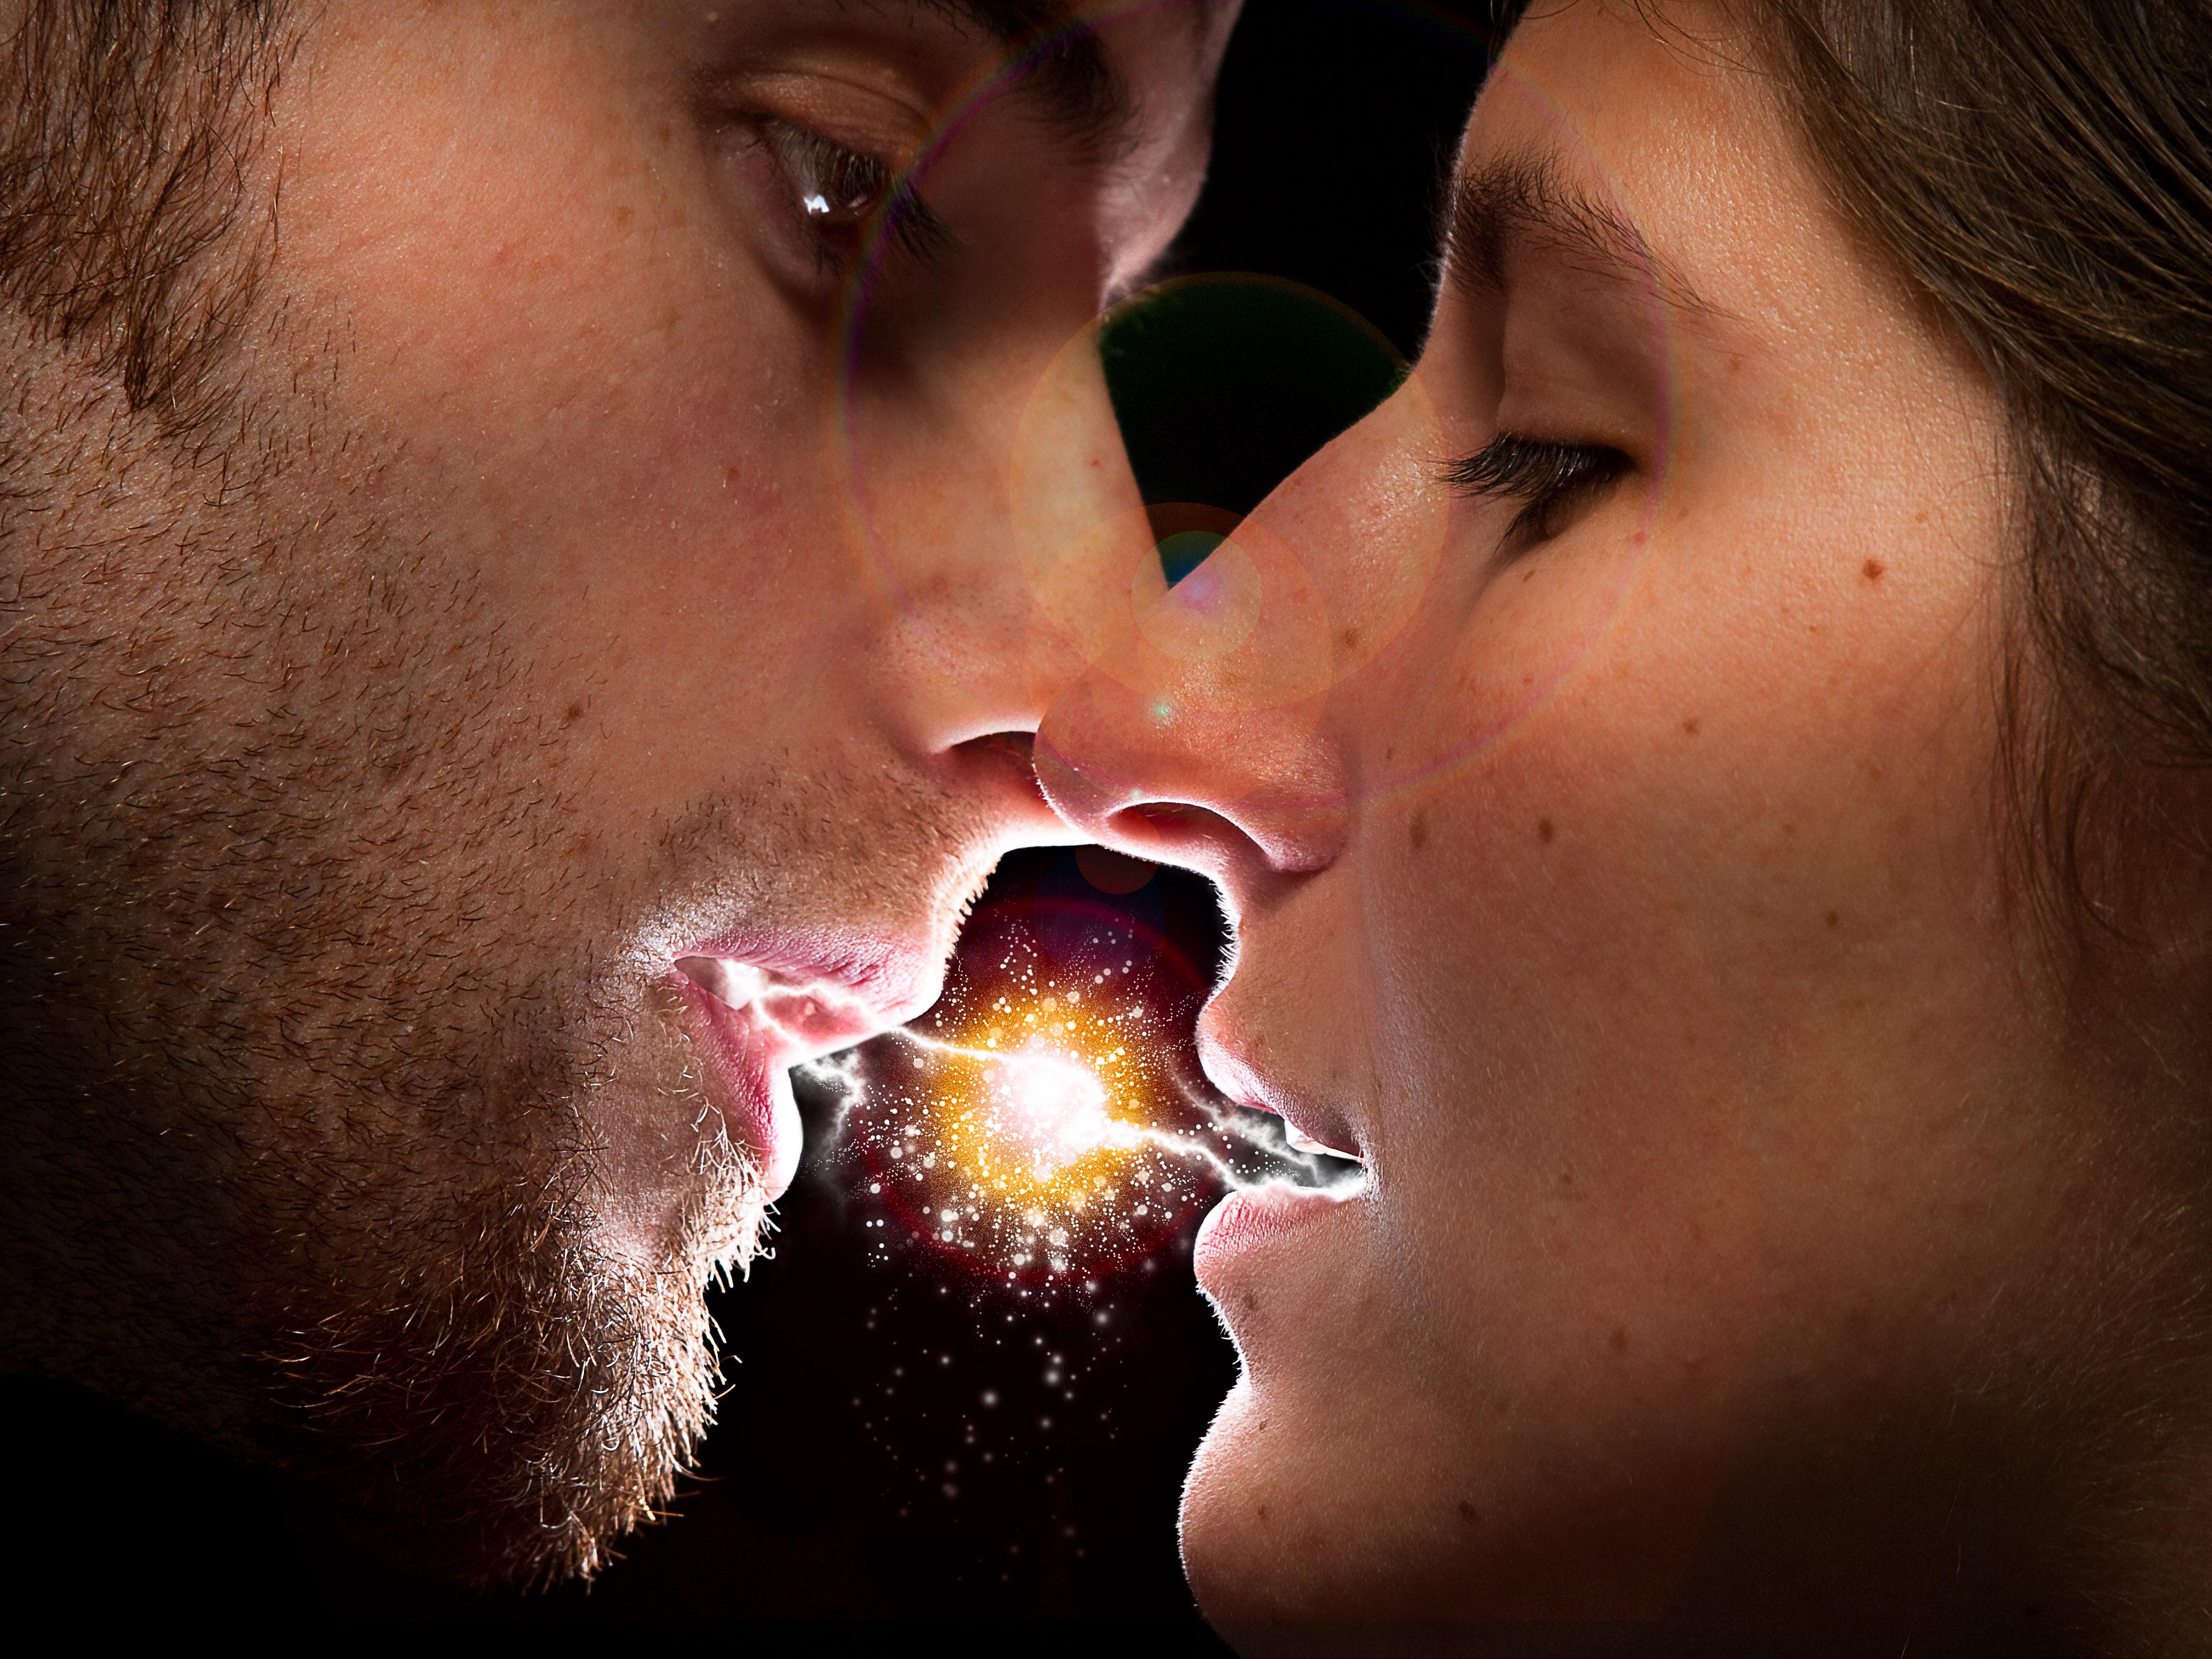 Прикольные картинки поцелуев парней, поздравление